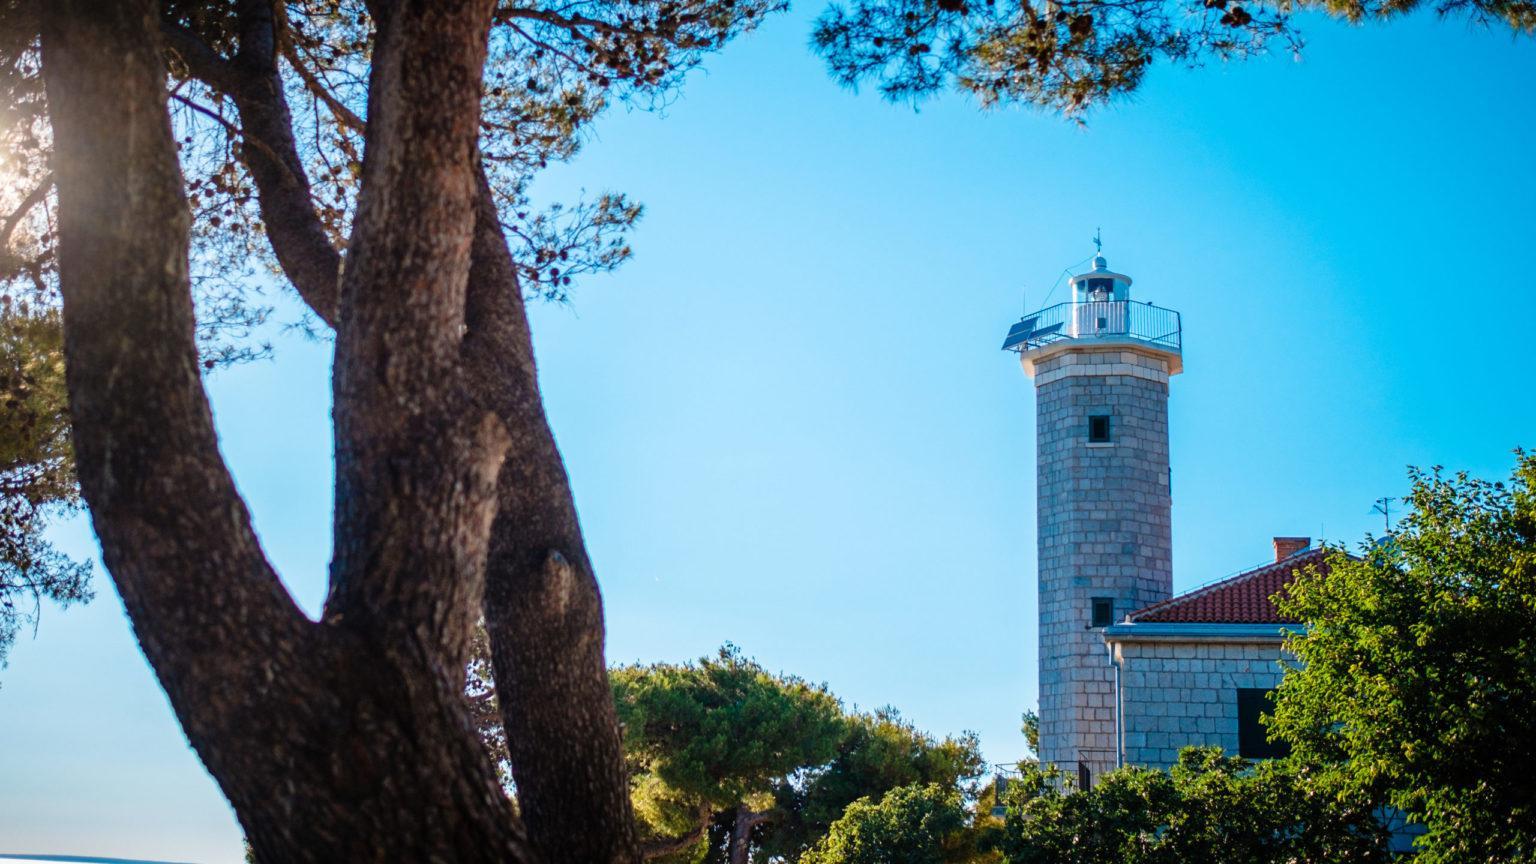 hochzeitslocation Kroatien location hochzeit heiraten 1 6 scaled - Alter Leuchtturm